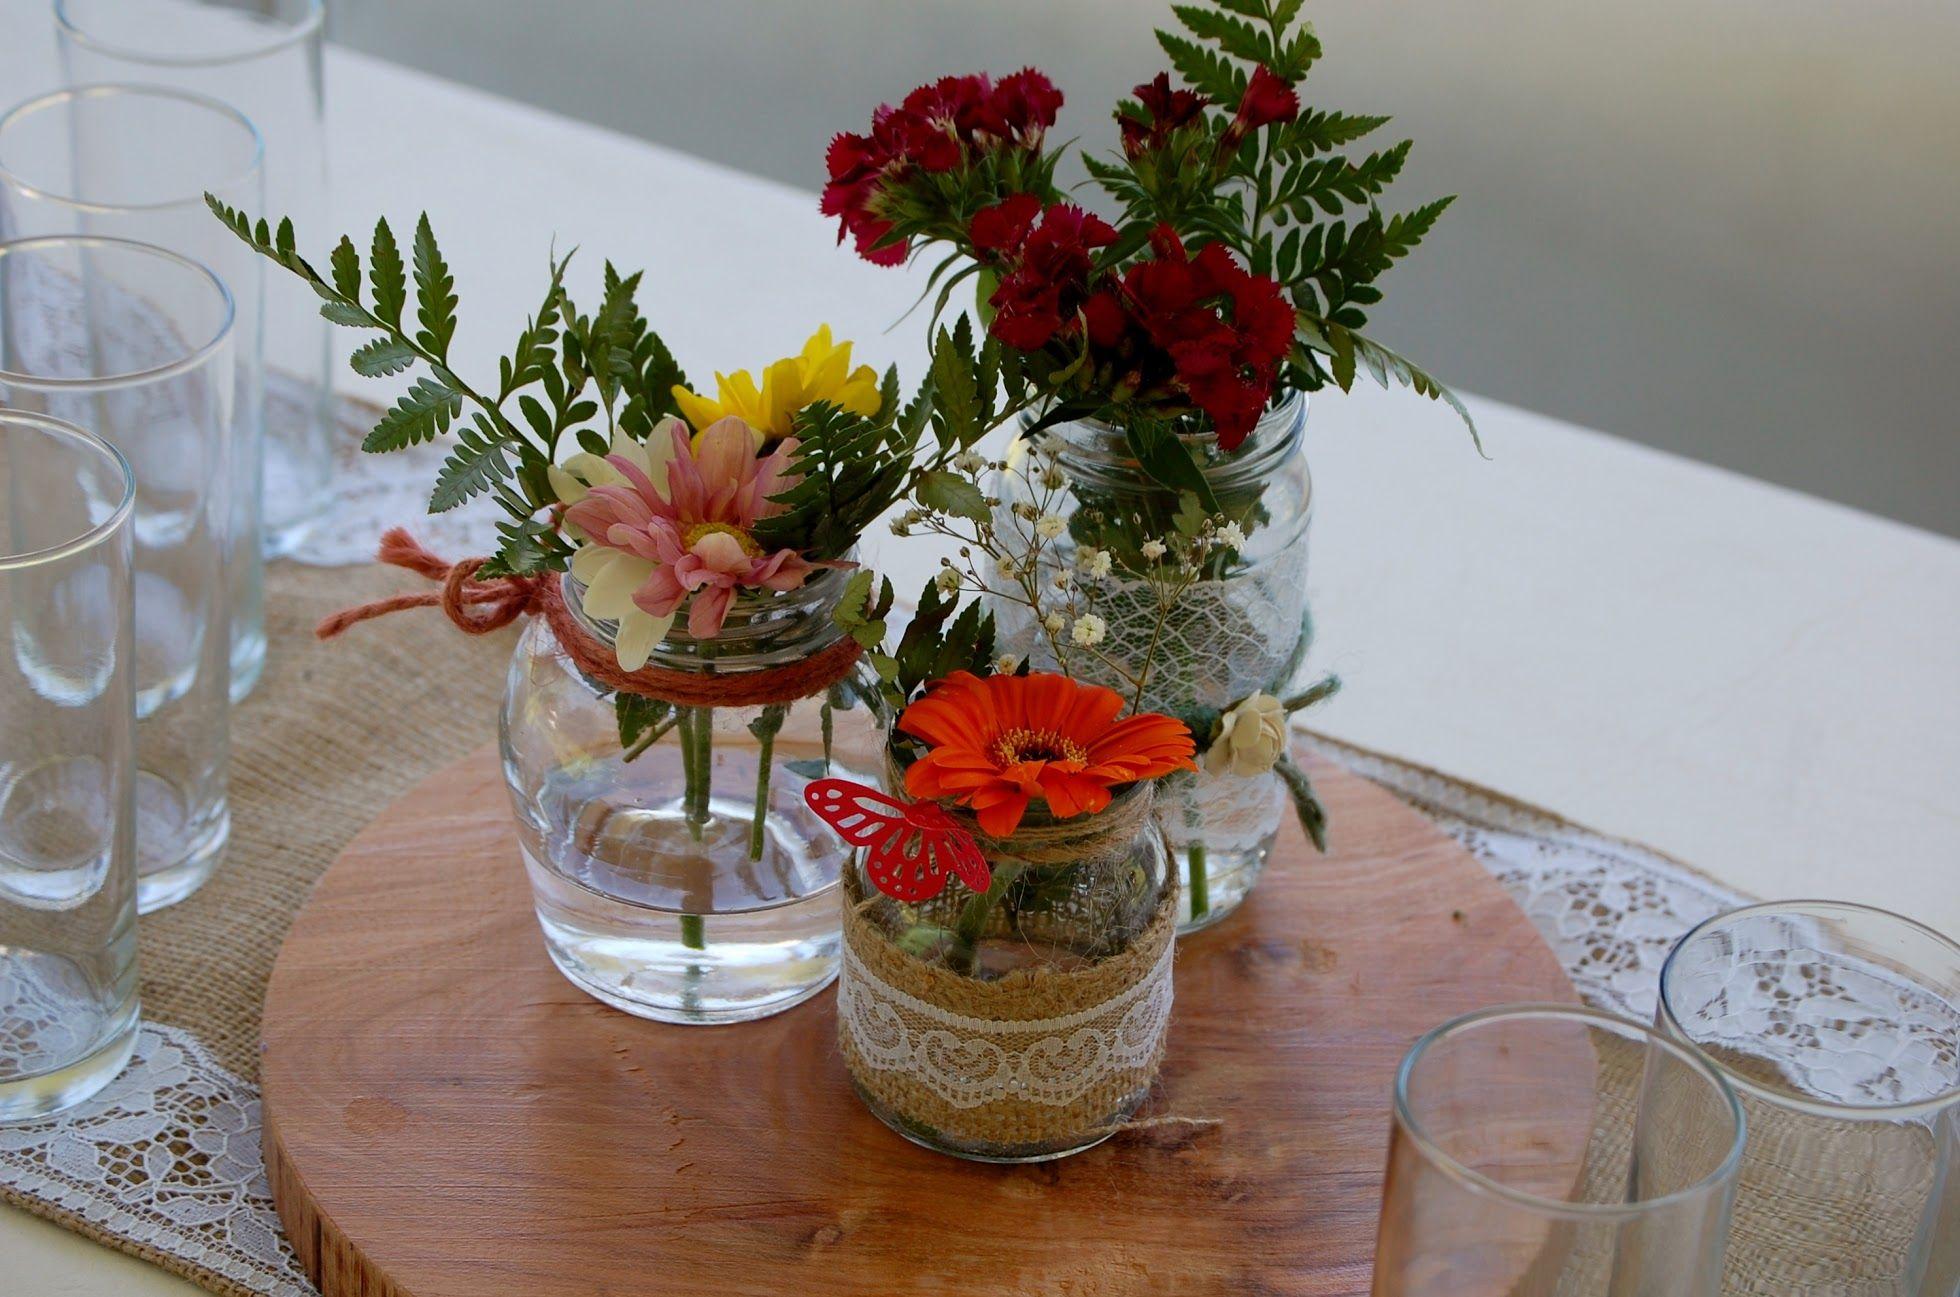 Centro de mesa rustico y romantico latiendadecoideas - Centro de mesa rustico ...